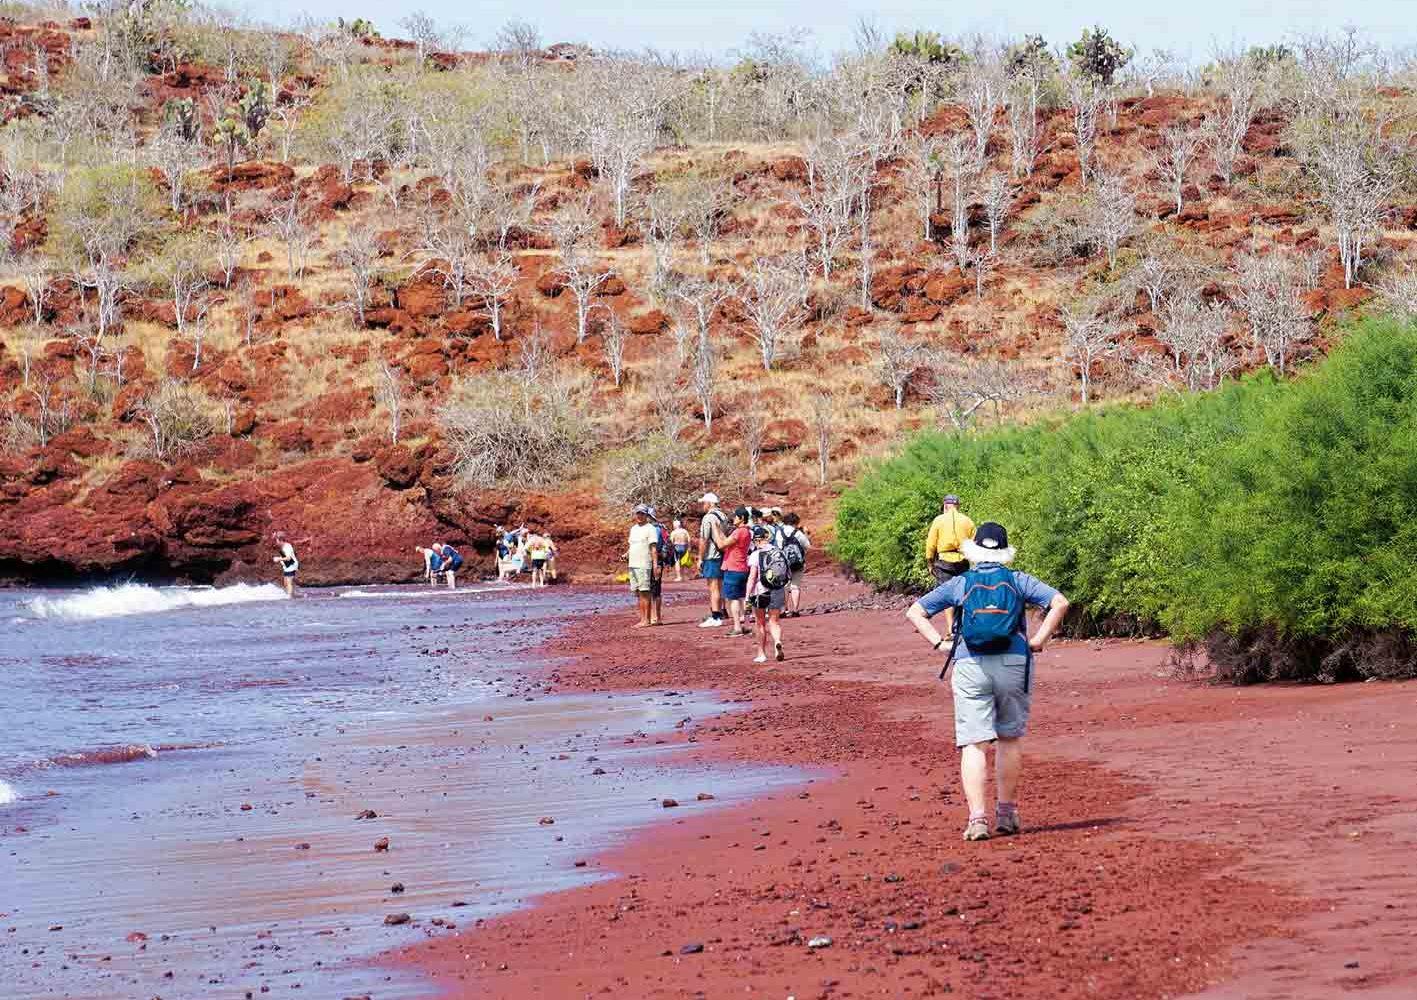 Wir unternehmen auch informative Wanderungen über die Inseln